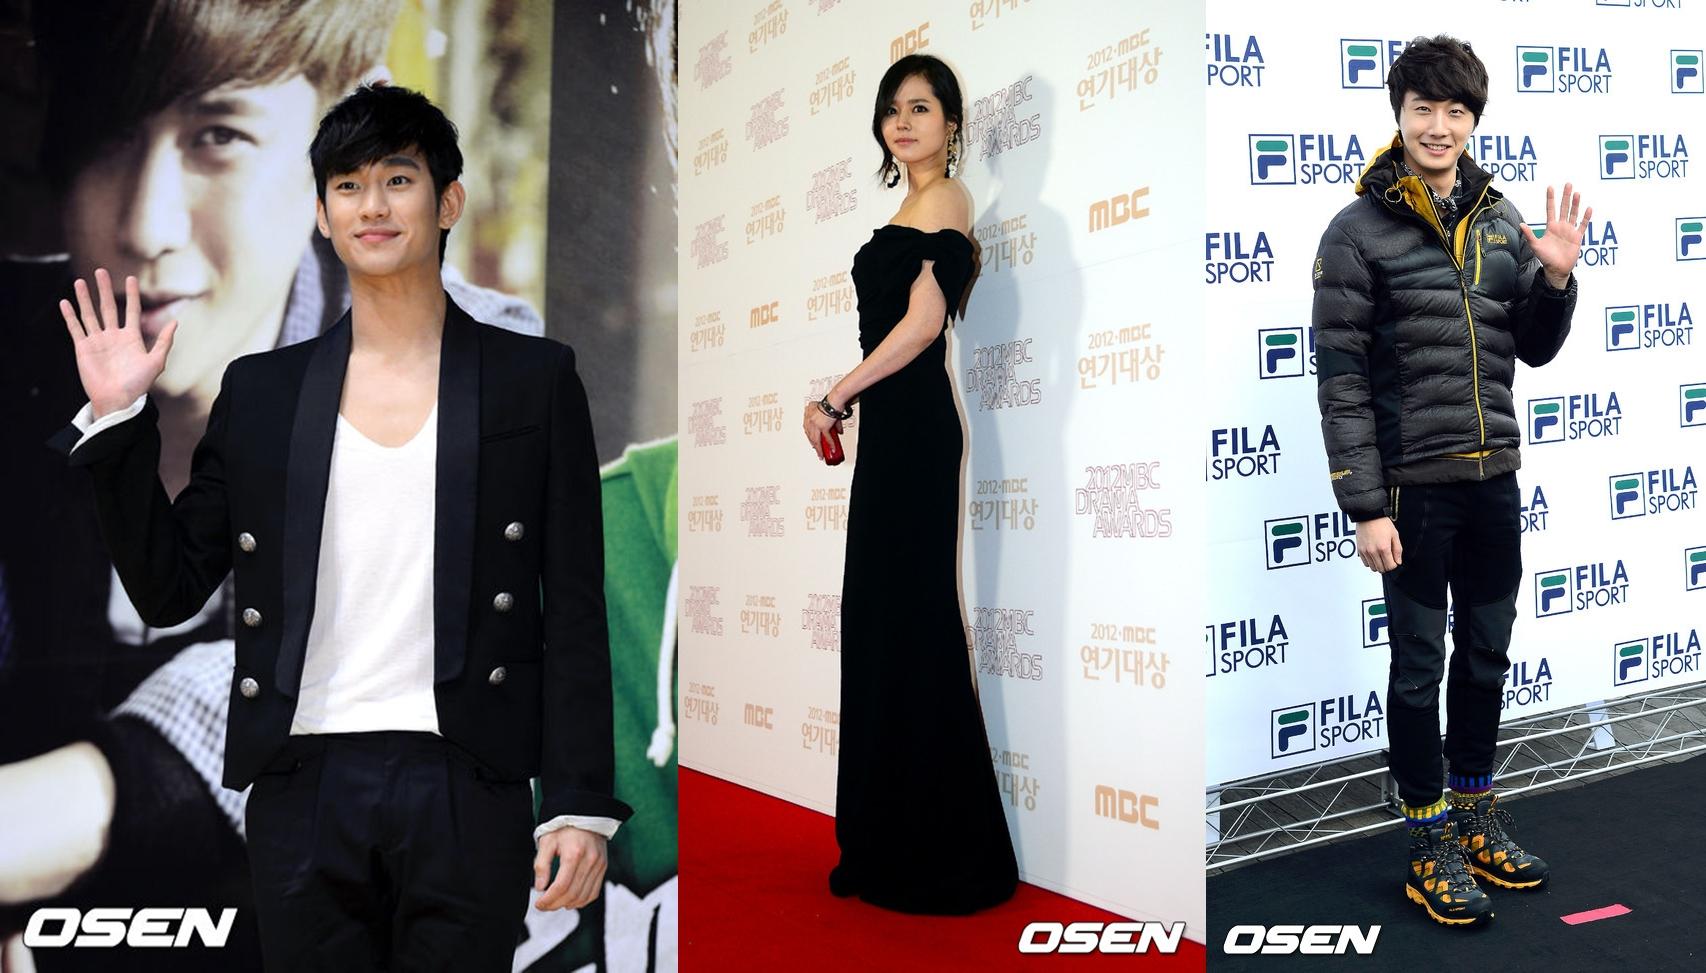 ★ 擁抱太陽的月亮 :: 陽明君 ★  《擁抱太陽的月亮》是韓國 MBC 在 2012 年播出的韓劇,由金秀賢、韓佳人、丁一宇等人主演,主要在講述年輕王世子和喪失記憶成為巫女的世子嬪之間愛情故事,這部戲也創下 42.2% 的最高單集收視率,被韓國媒體譽為「國民電視劇」。